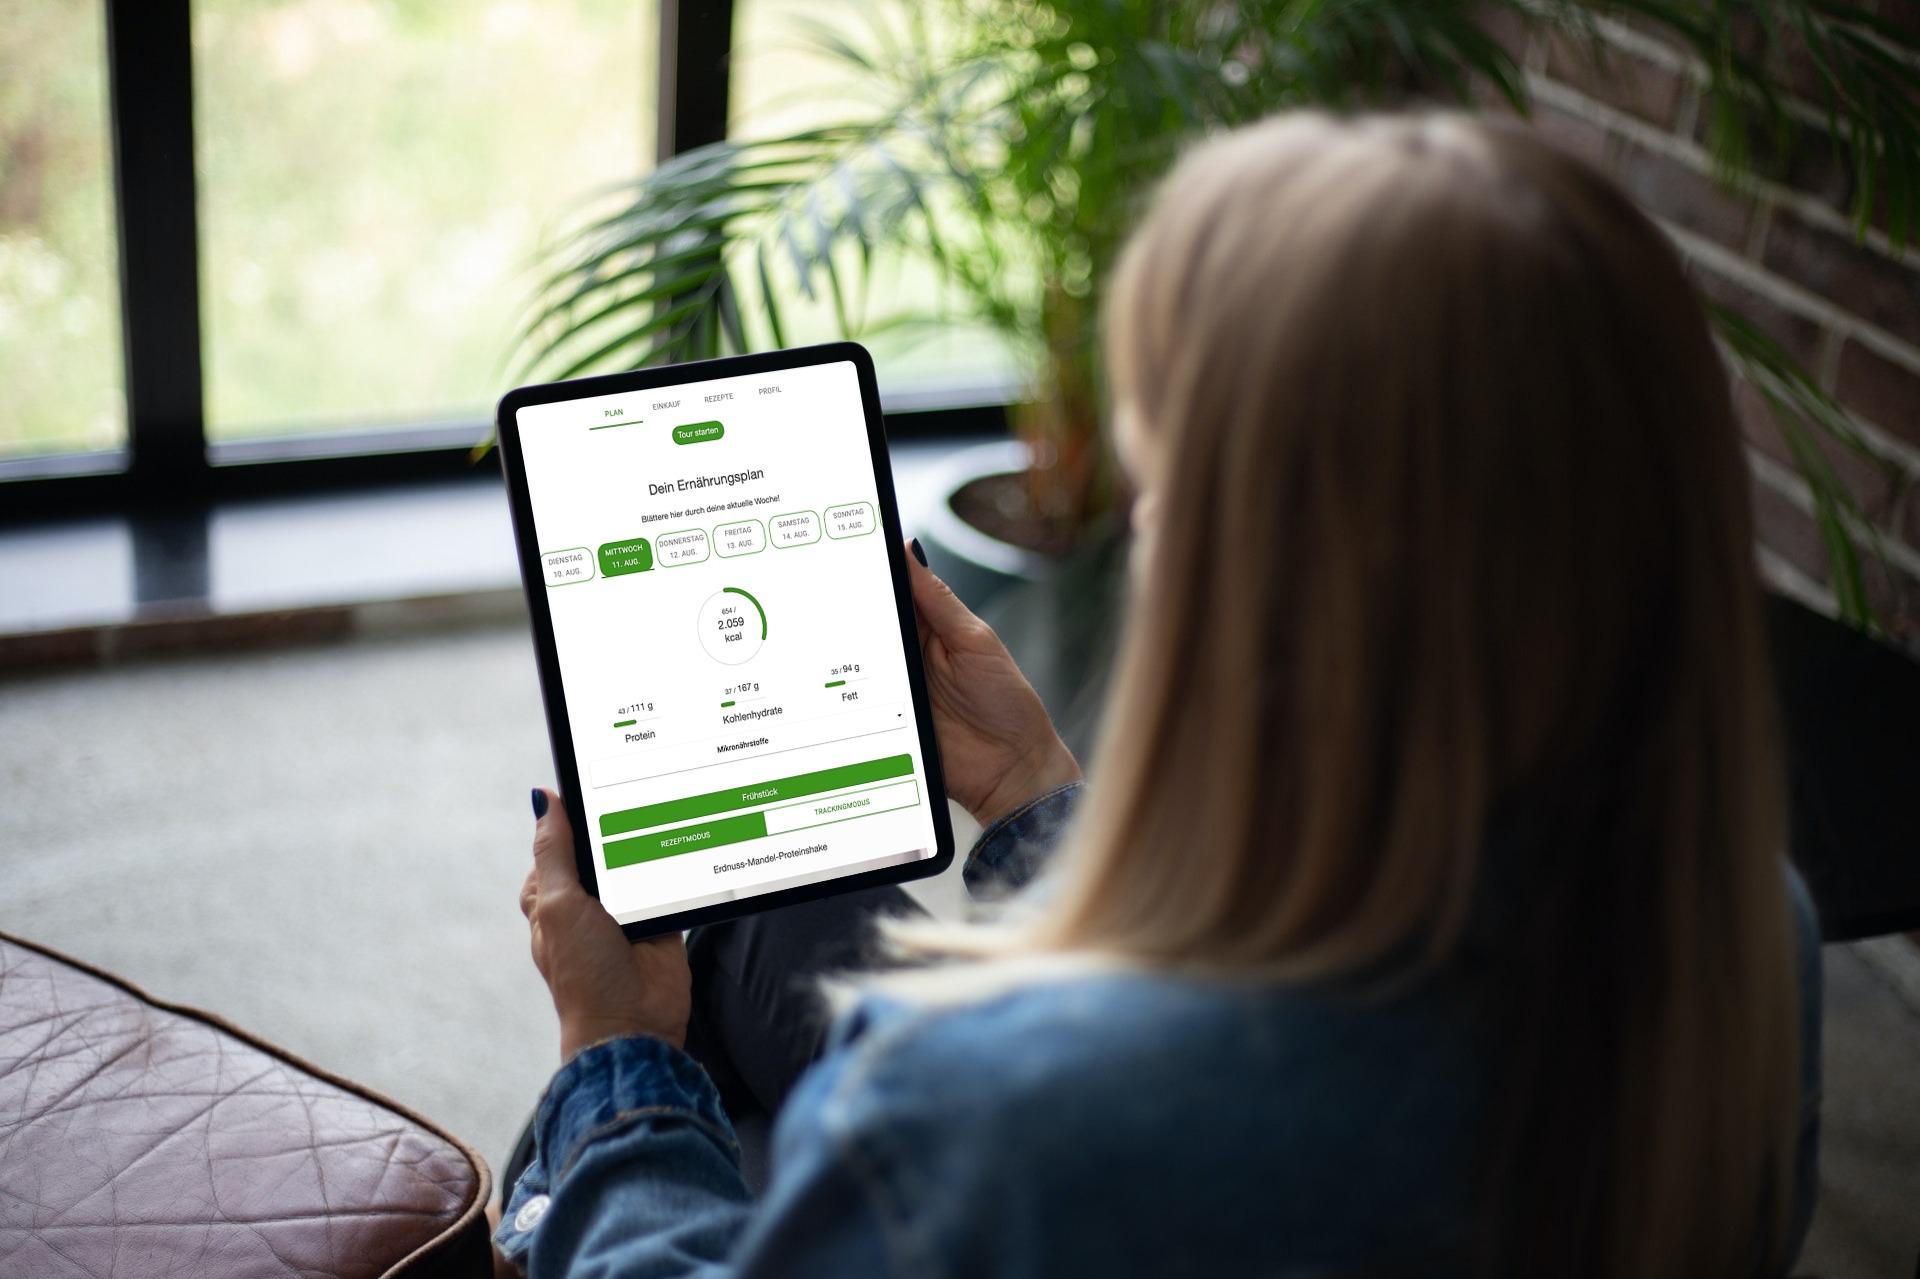 Ernährungsberater Software mit App für Ernährungscoaching - Ernährungspläne, Rezepte, Einkaufslisten - Plan ansehen